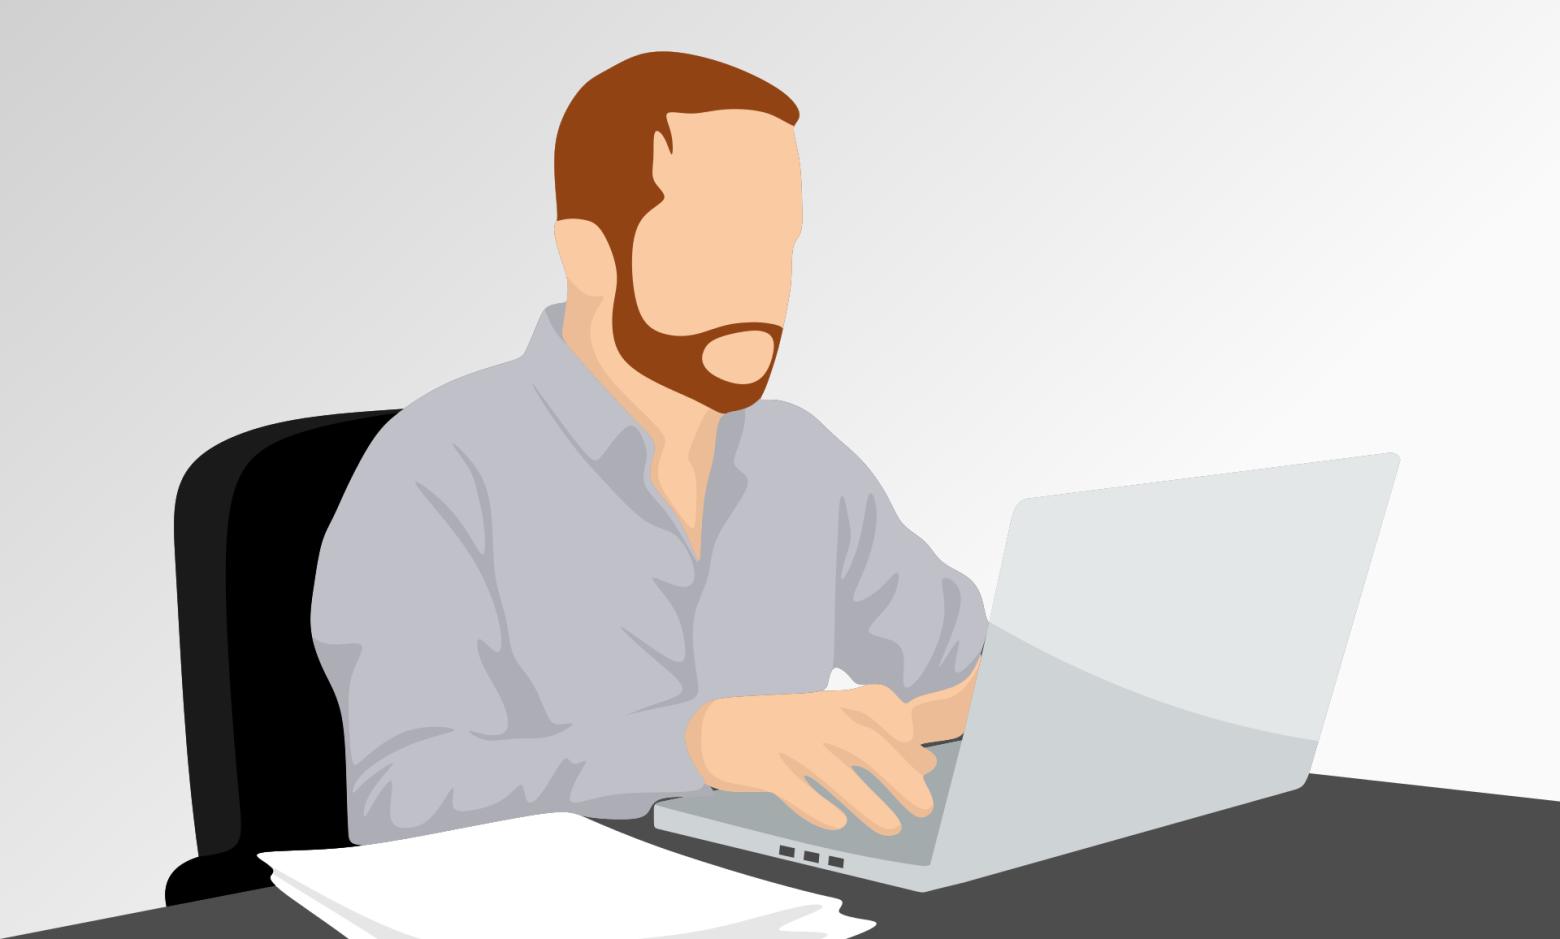 Homme d affaire bureau travail ordinateur images gratuites images gratuites et libres de droits for Photos gratuites travail bureau